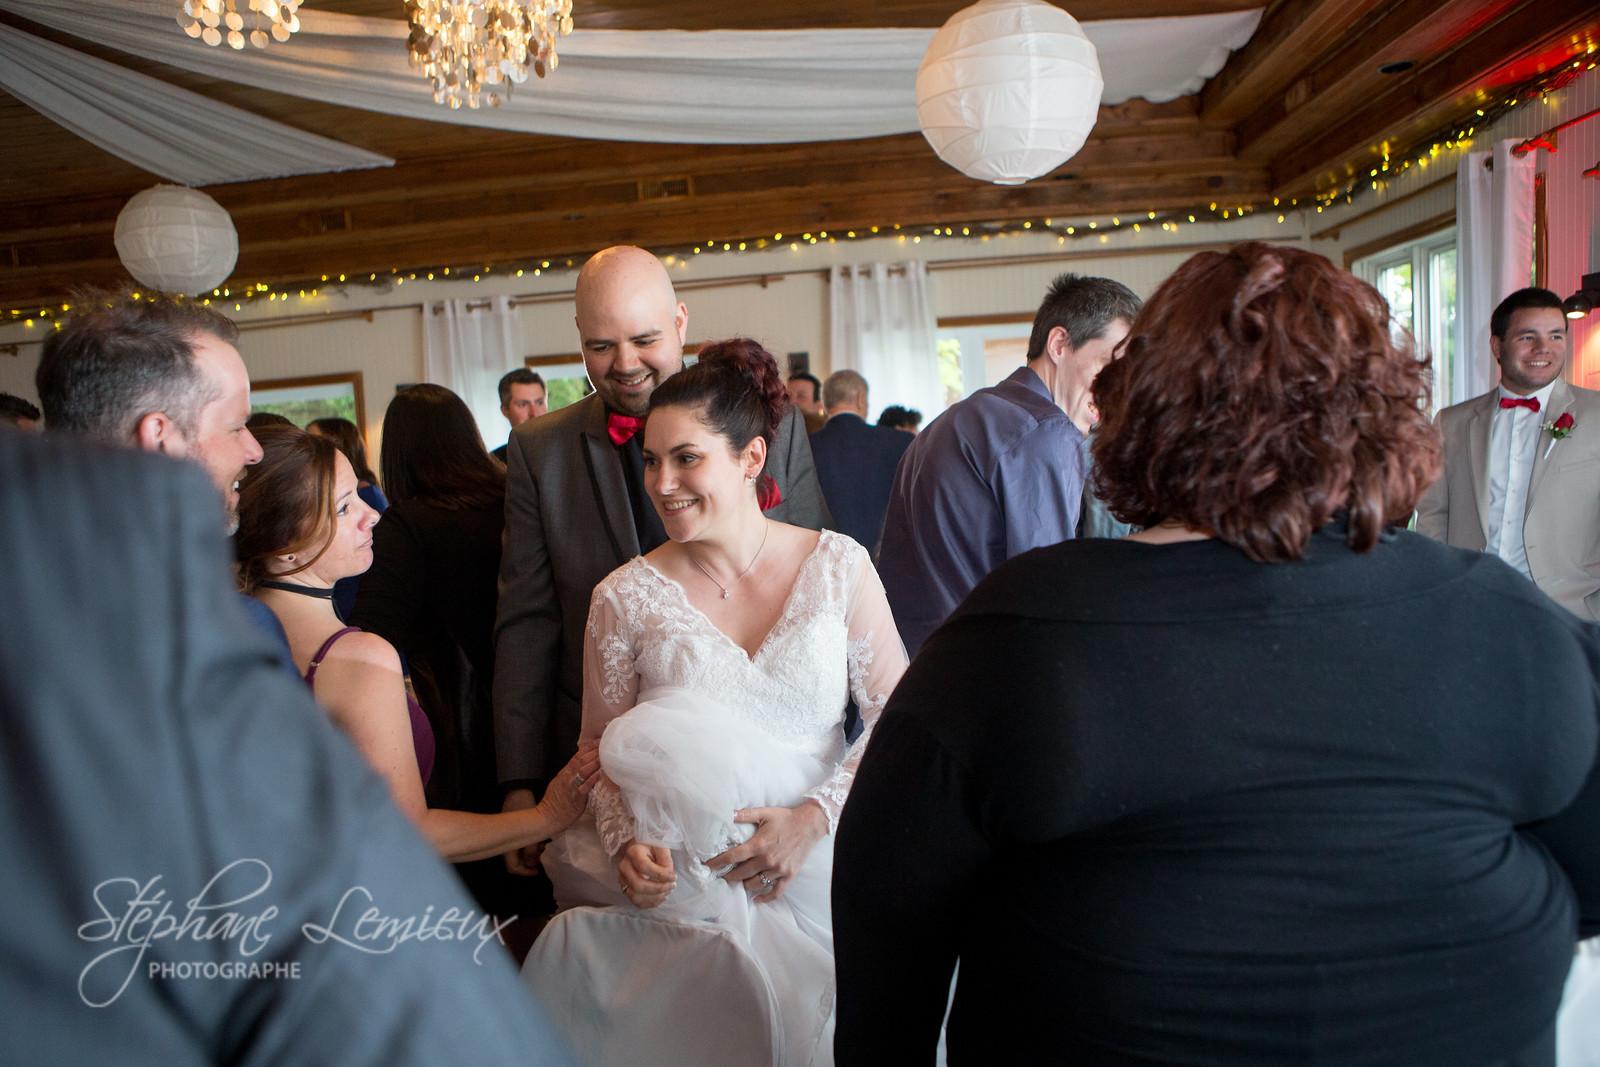 stephane-lemieux-photographe-mariage-montreal-20170603-556